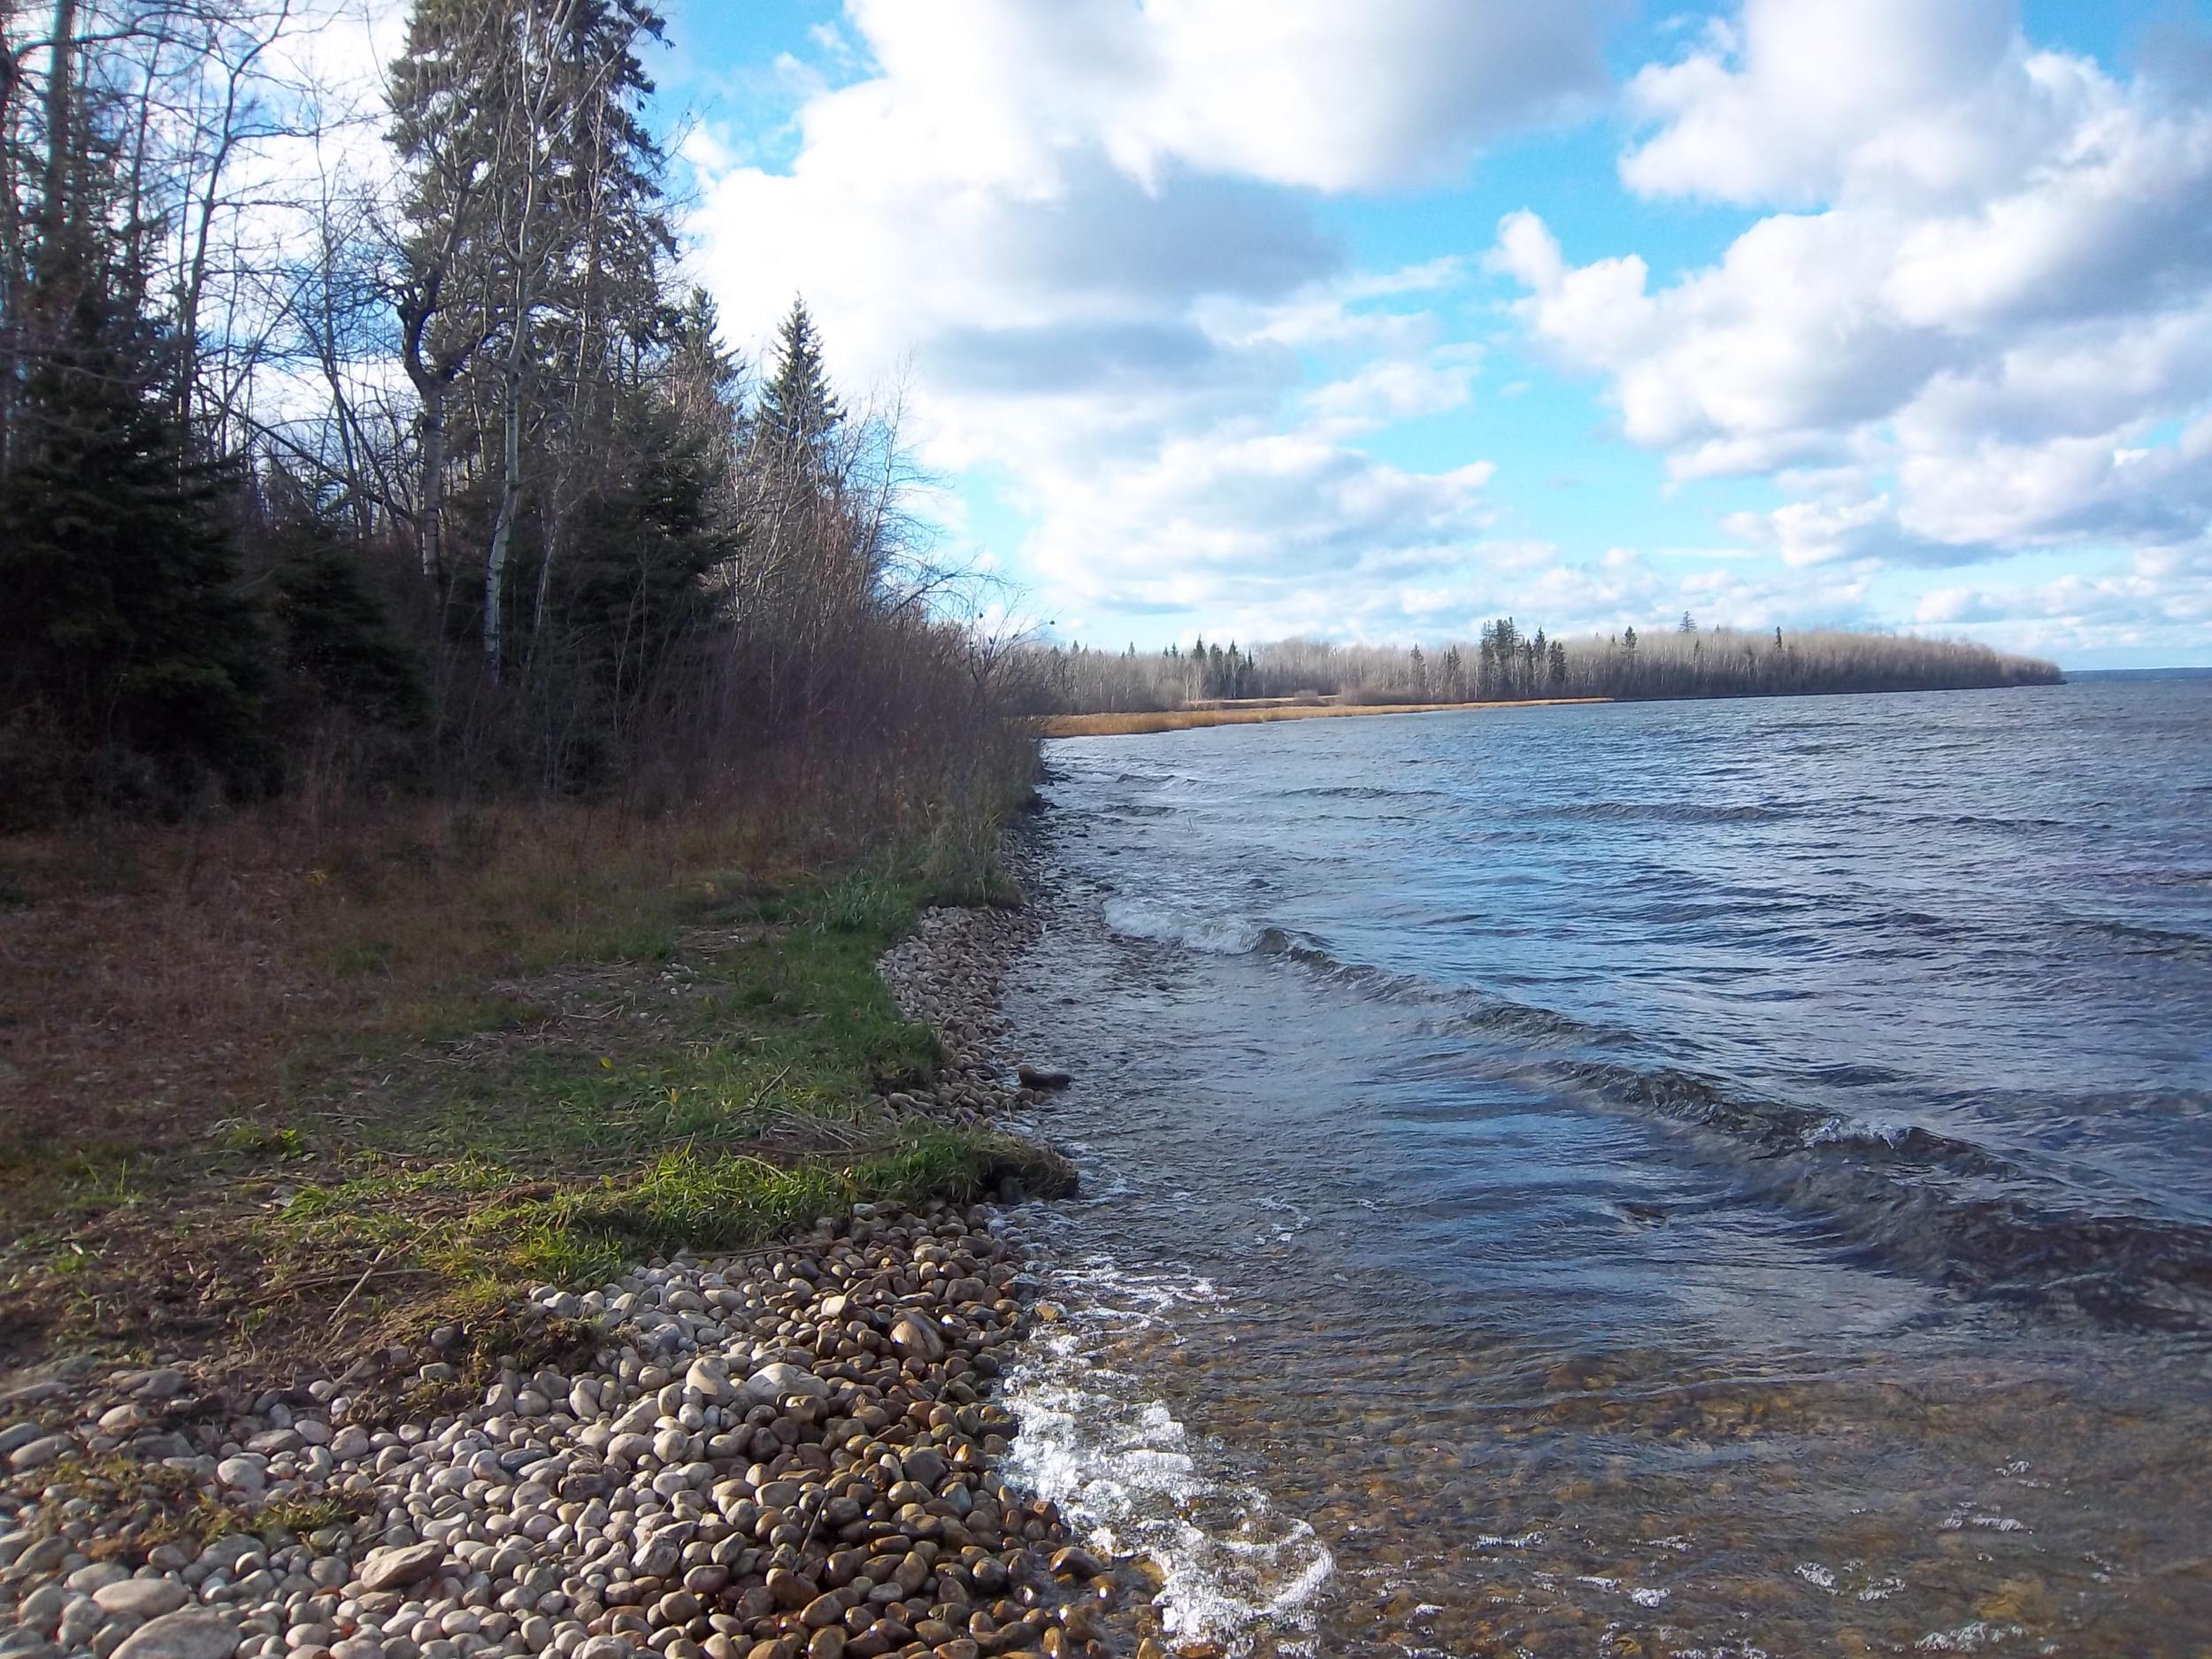 Limited Fish Habitat Assessment for a boat launch – Lac La Biche, Alberta